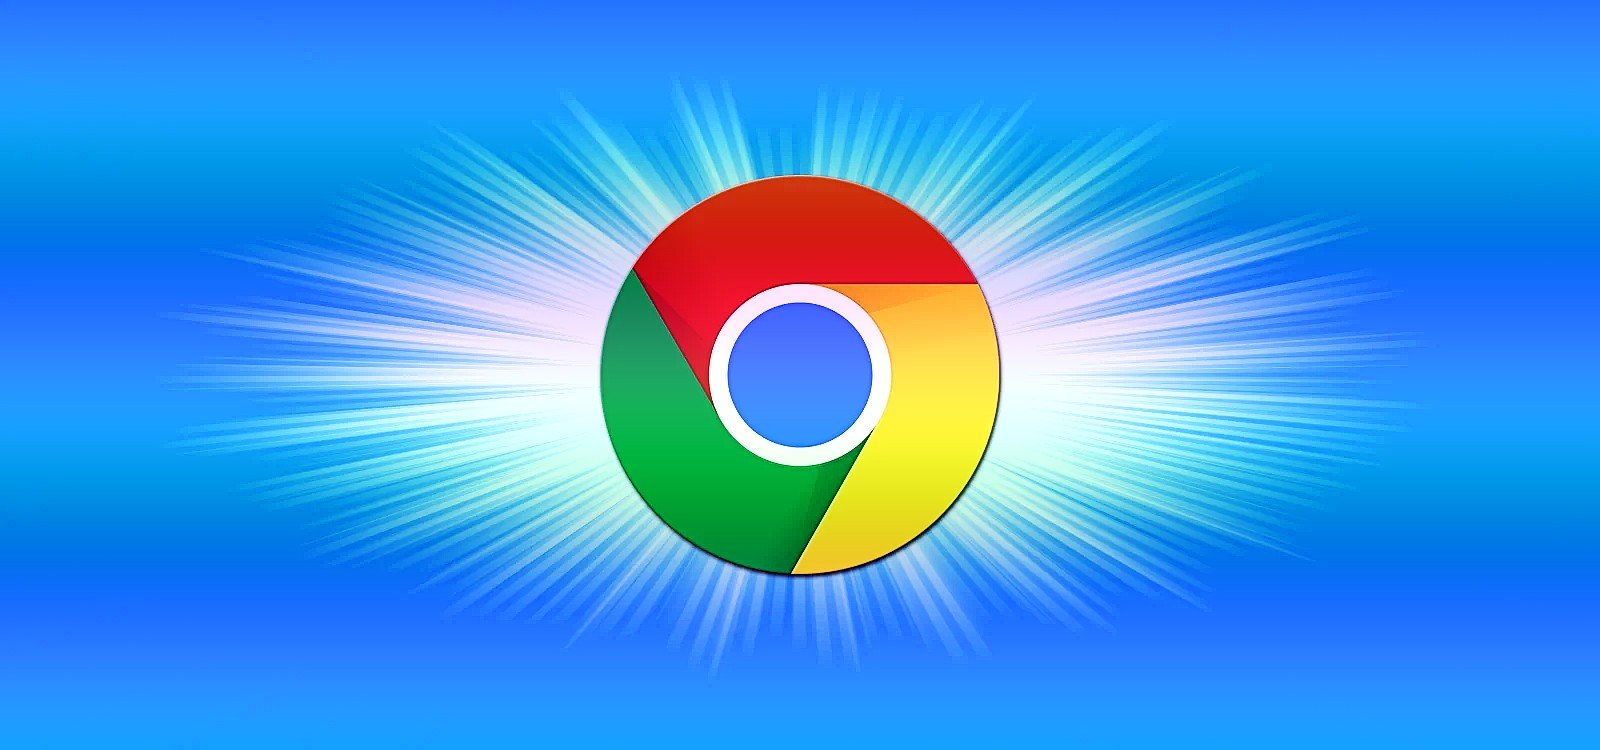 گوگل کروم ۹۰ با قابلیت امنیتی بهبود یافته و بارگذاری سریعتر وبسایتها از راه میرسد